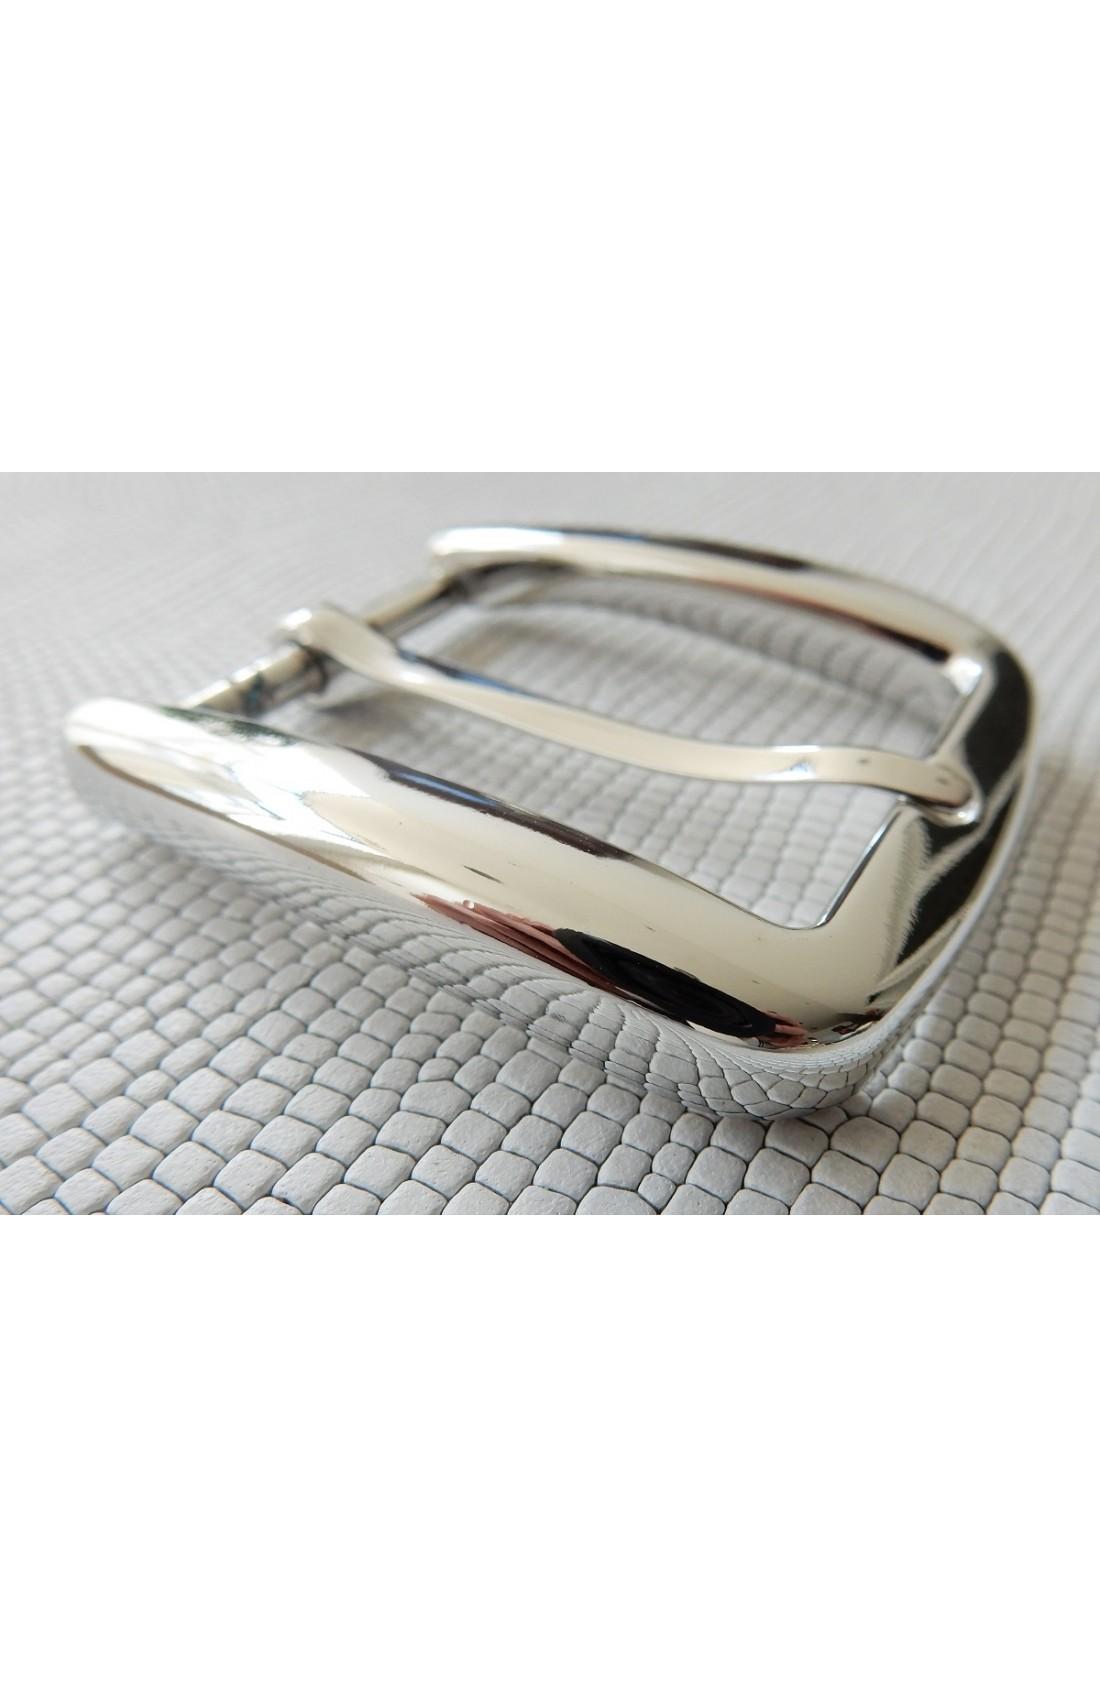 Fibbia Standard L 141 mm.30 nikel free (2)